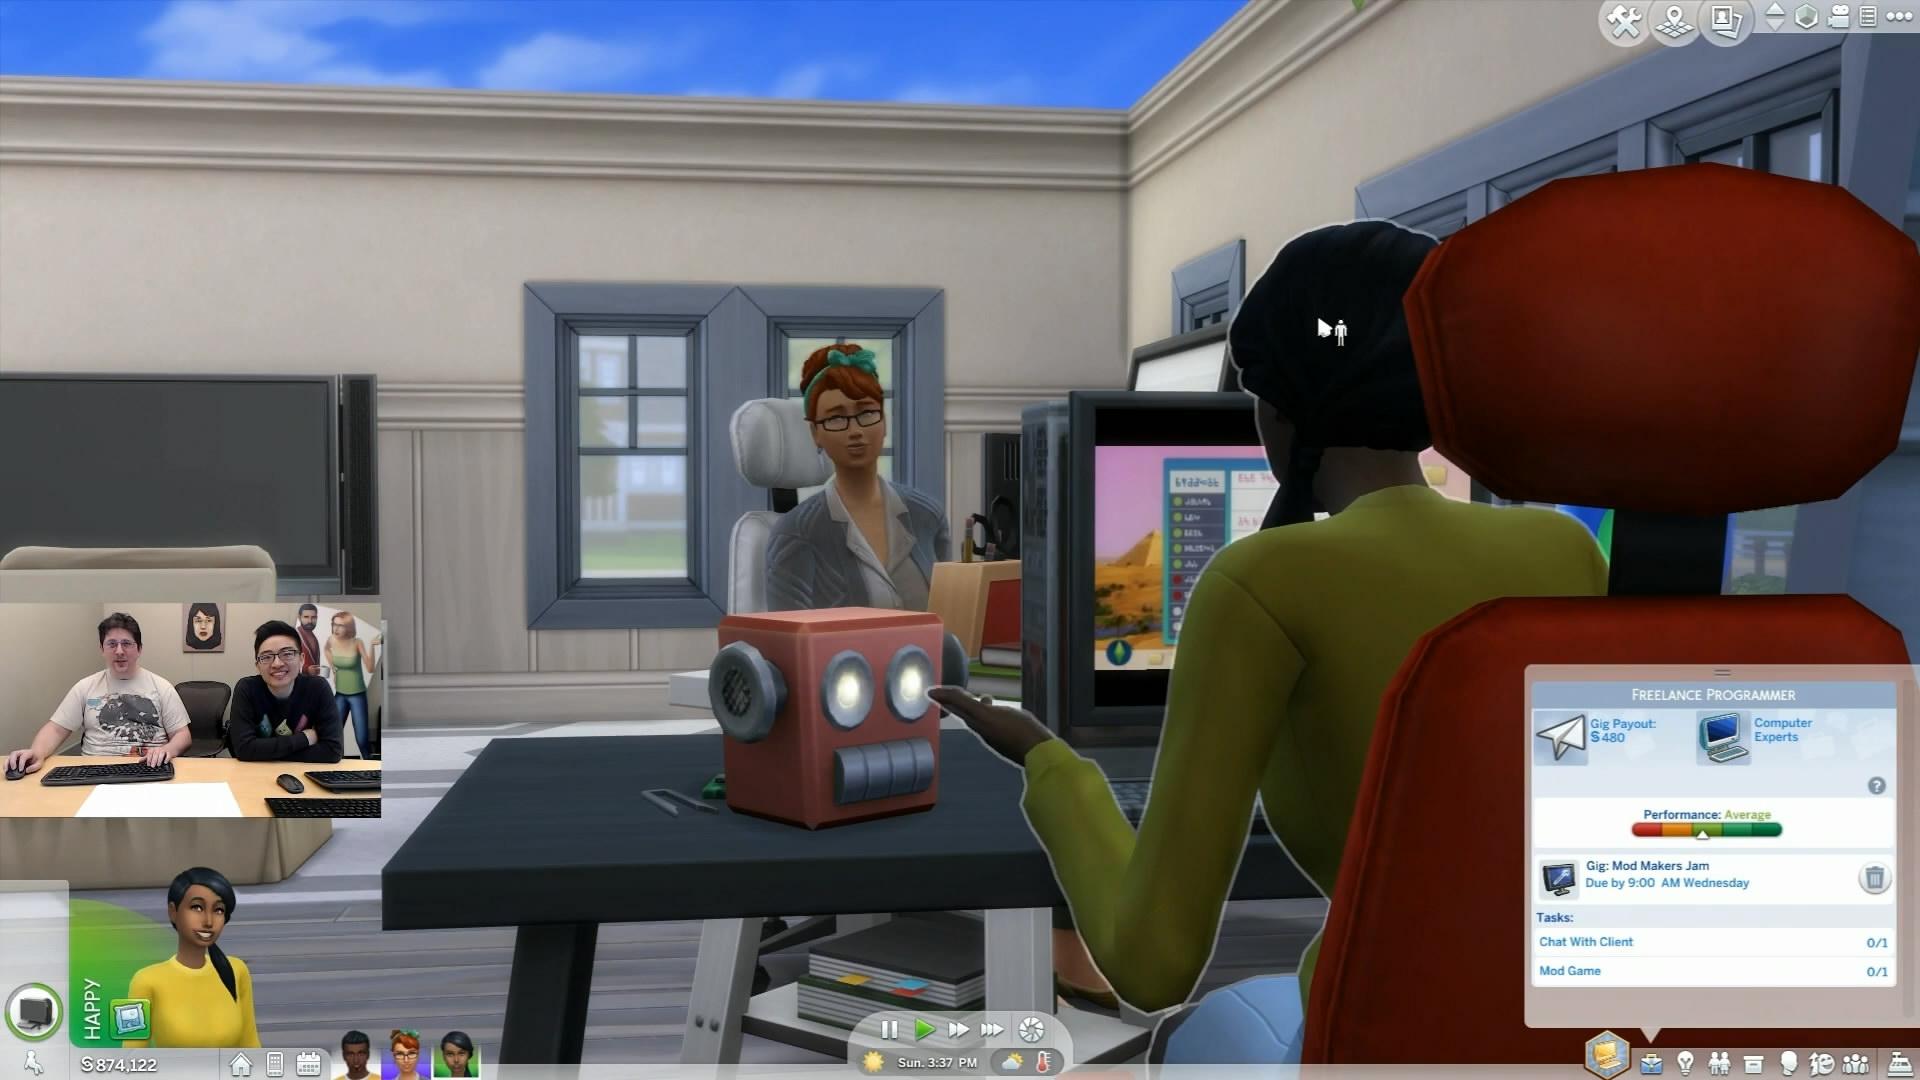 《模拟人生4》下周更新内容 将新增自由职业设定